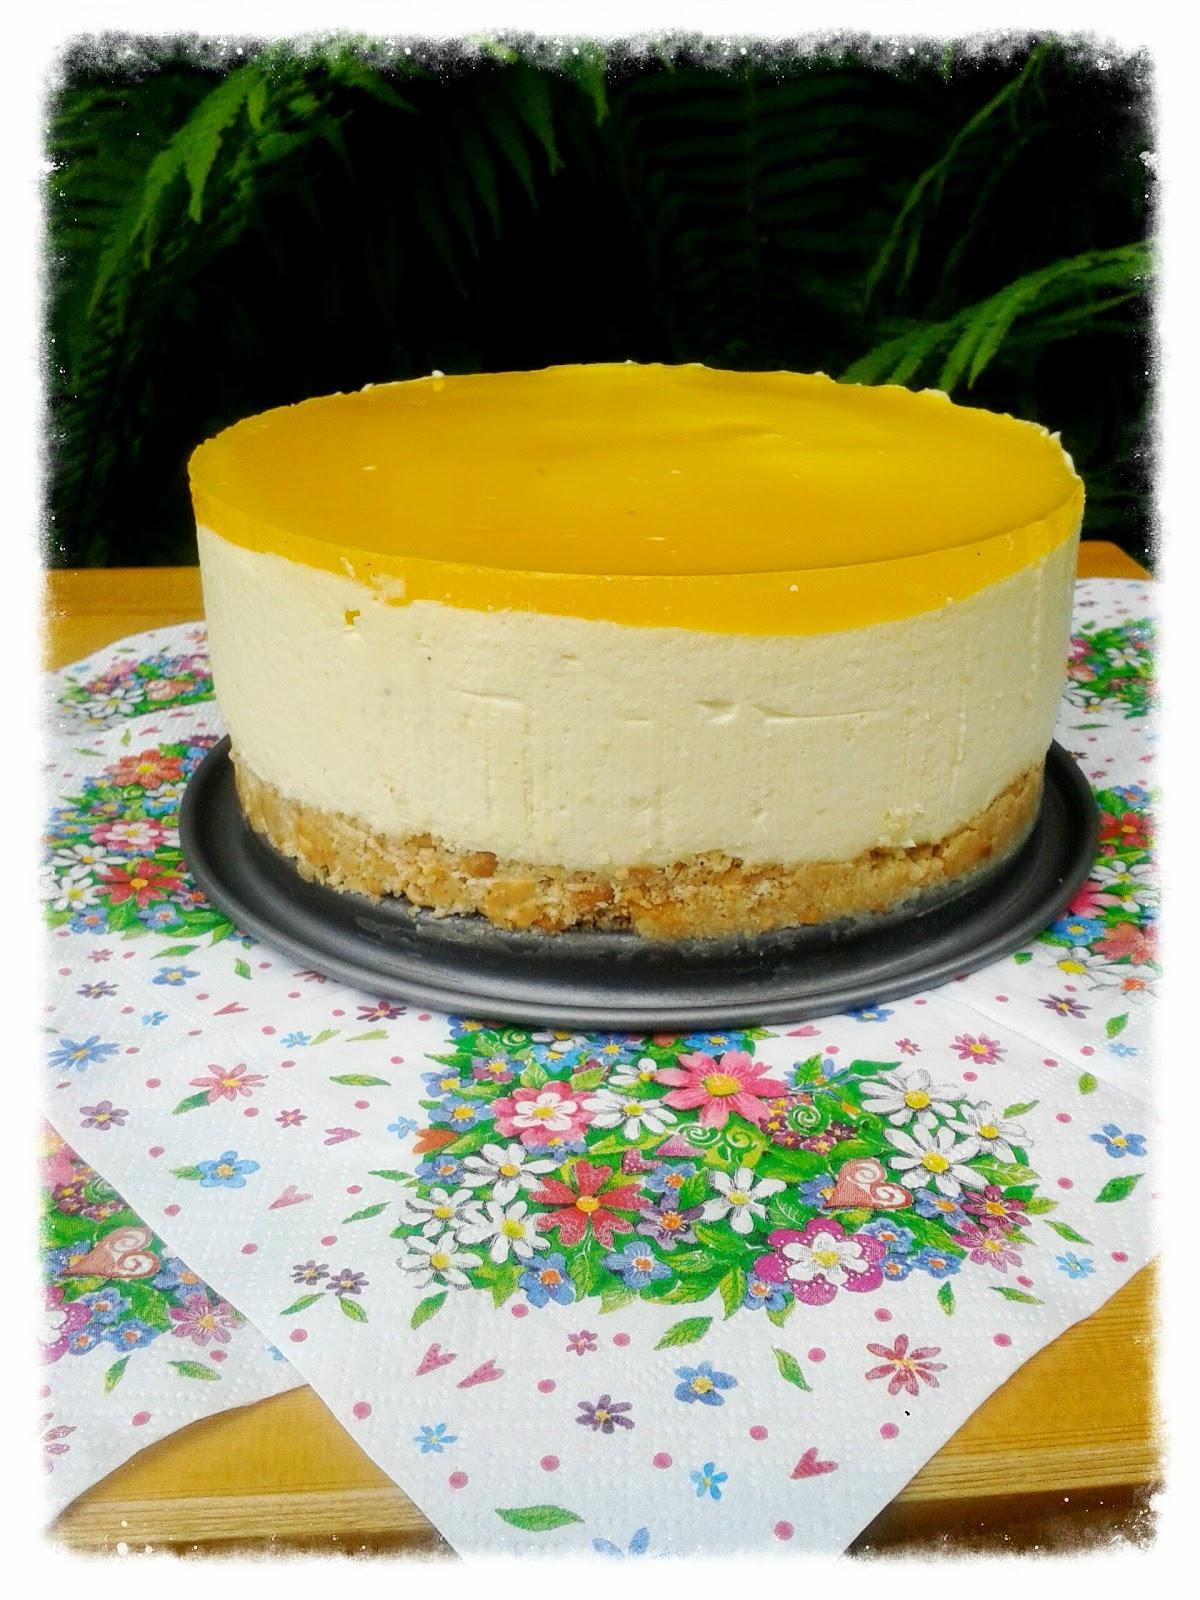 Kein Kuchen Ist Auch Keine Losung Mango Joghurt Torte